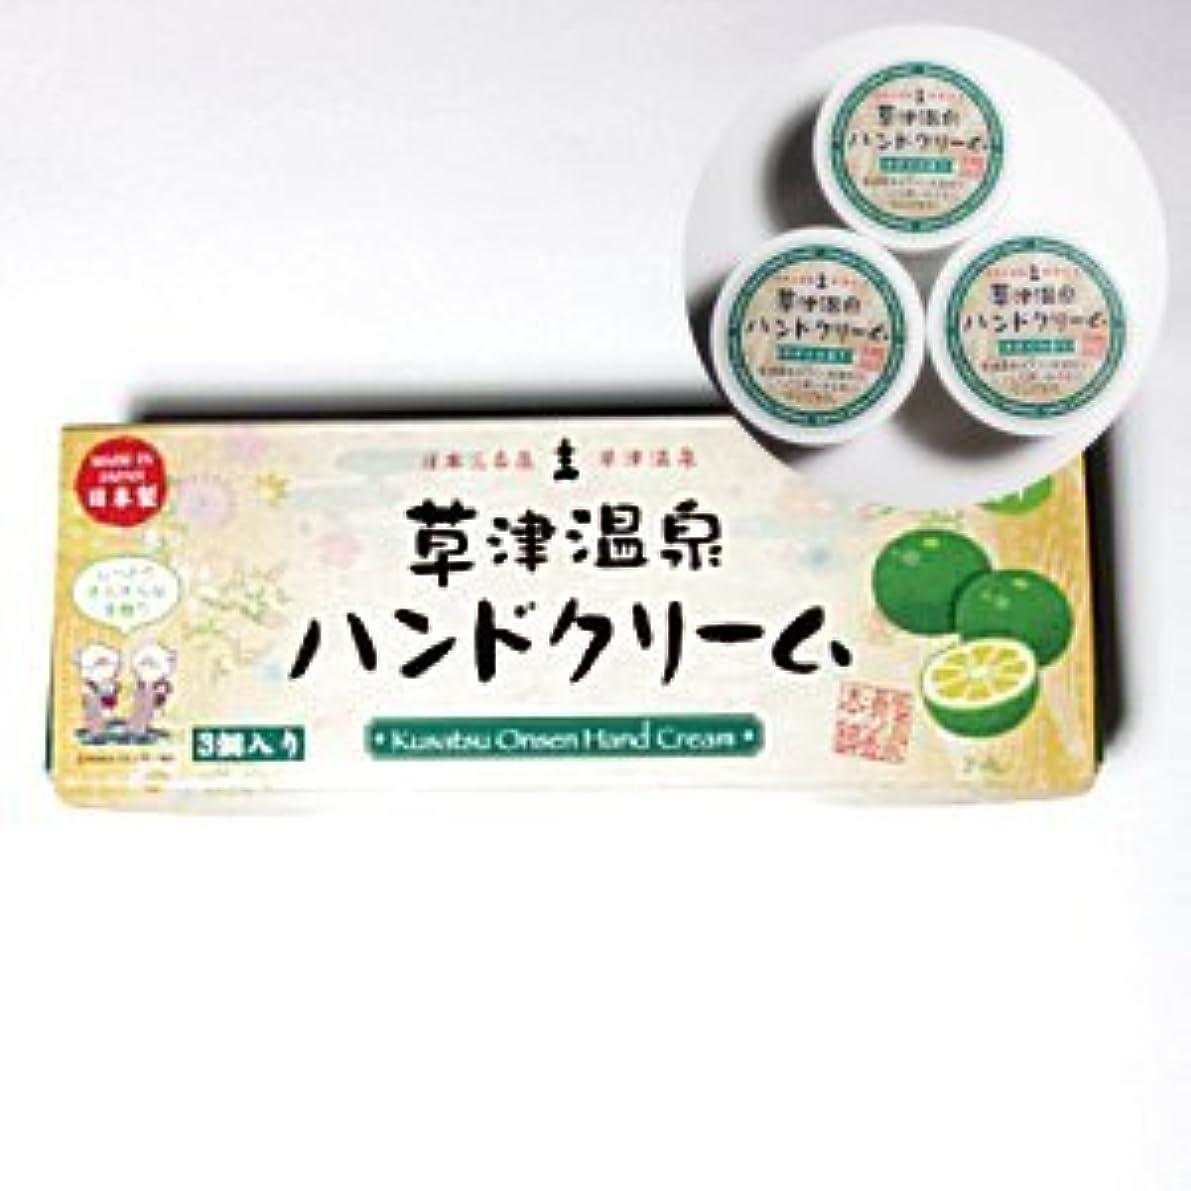 オプショナル装置そっと草津温泉ハンドクリーム カボスの香り 15gx3